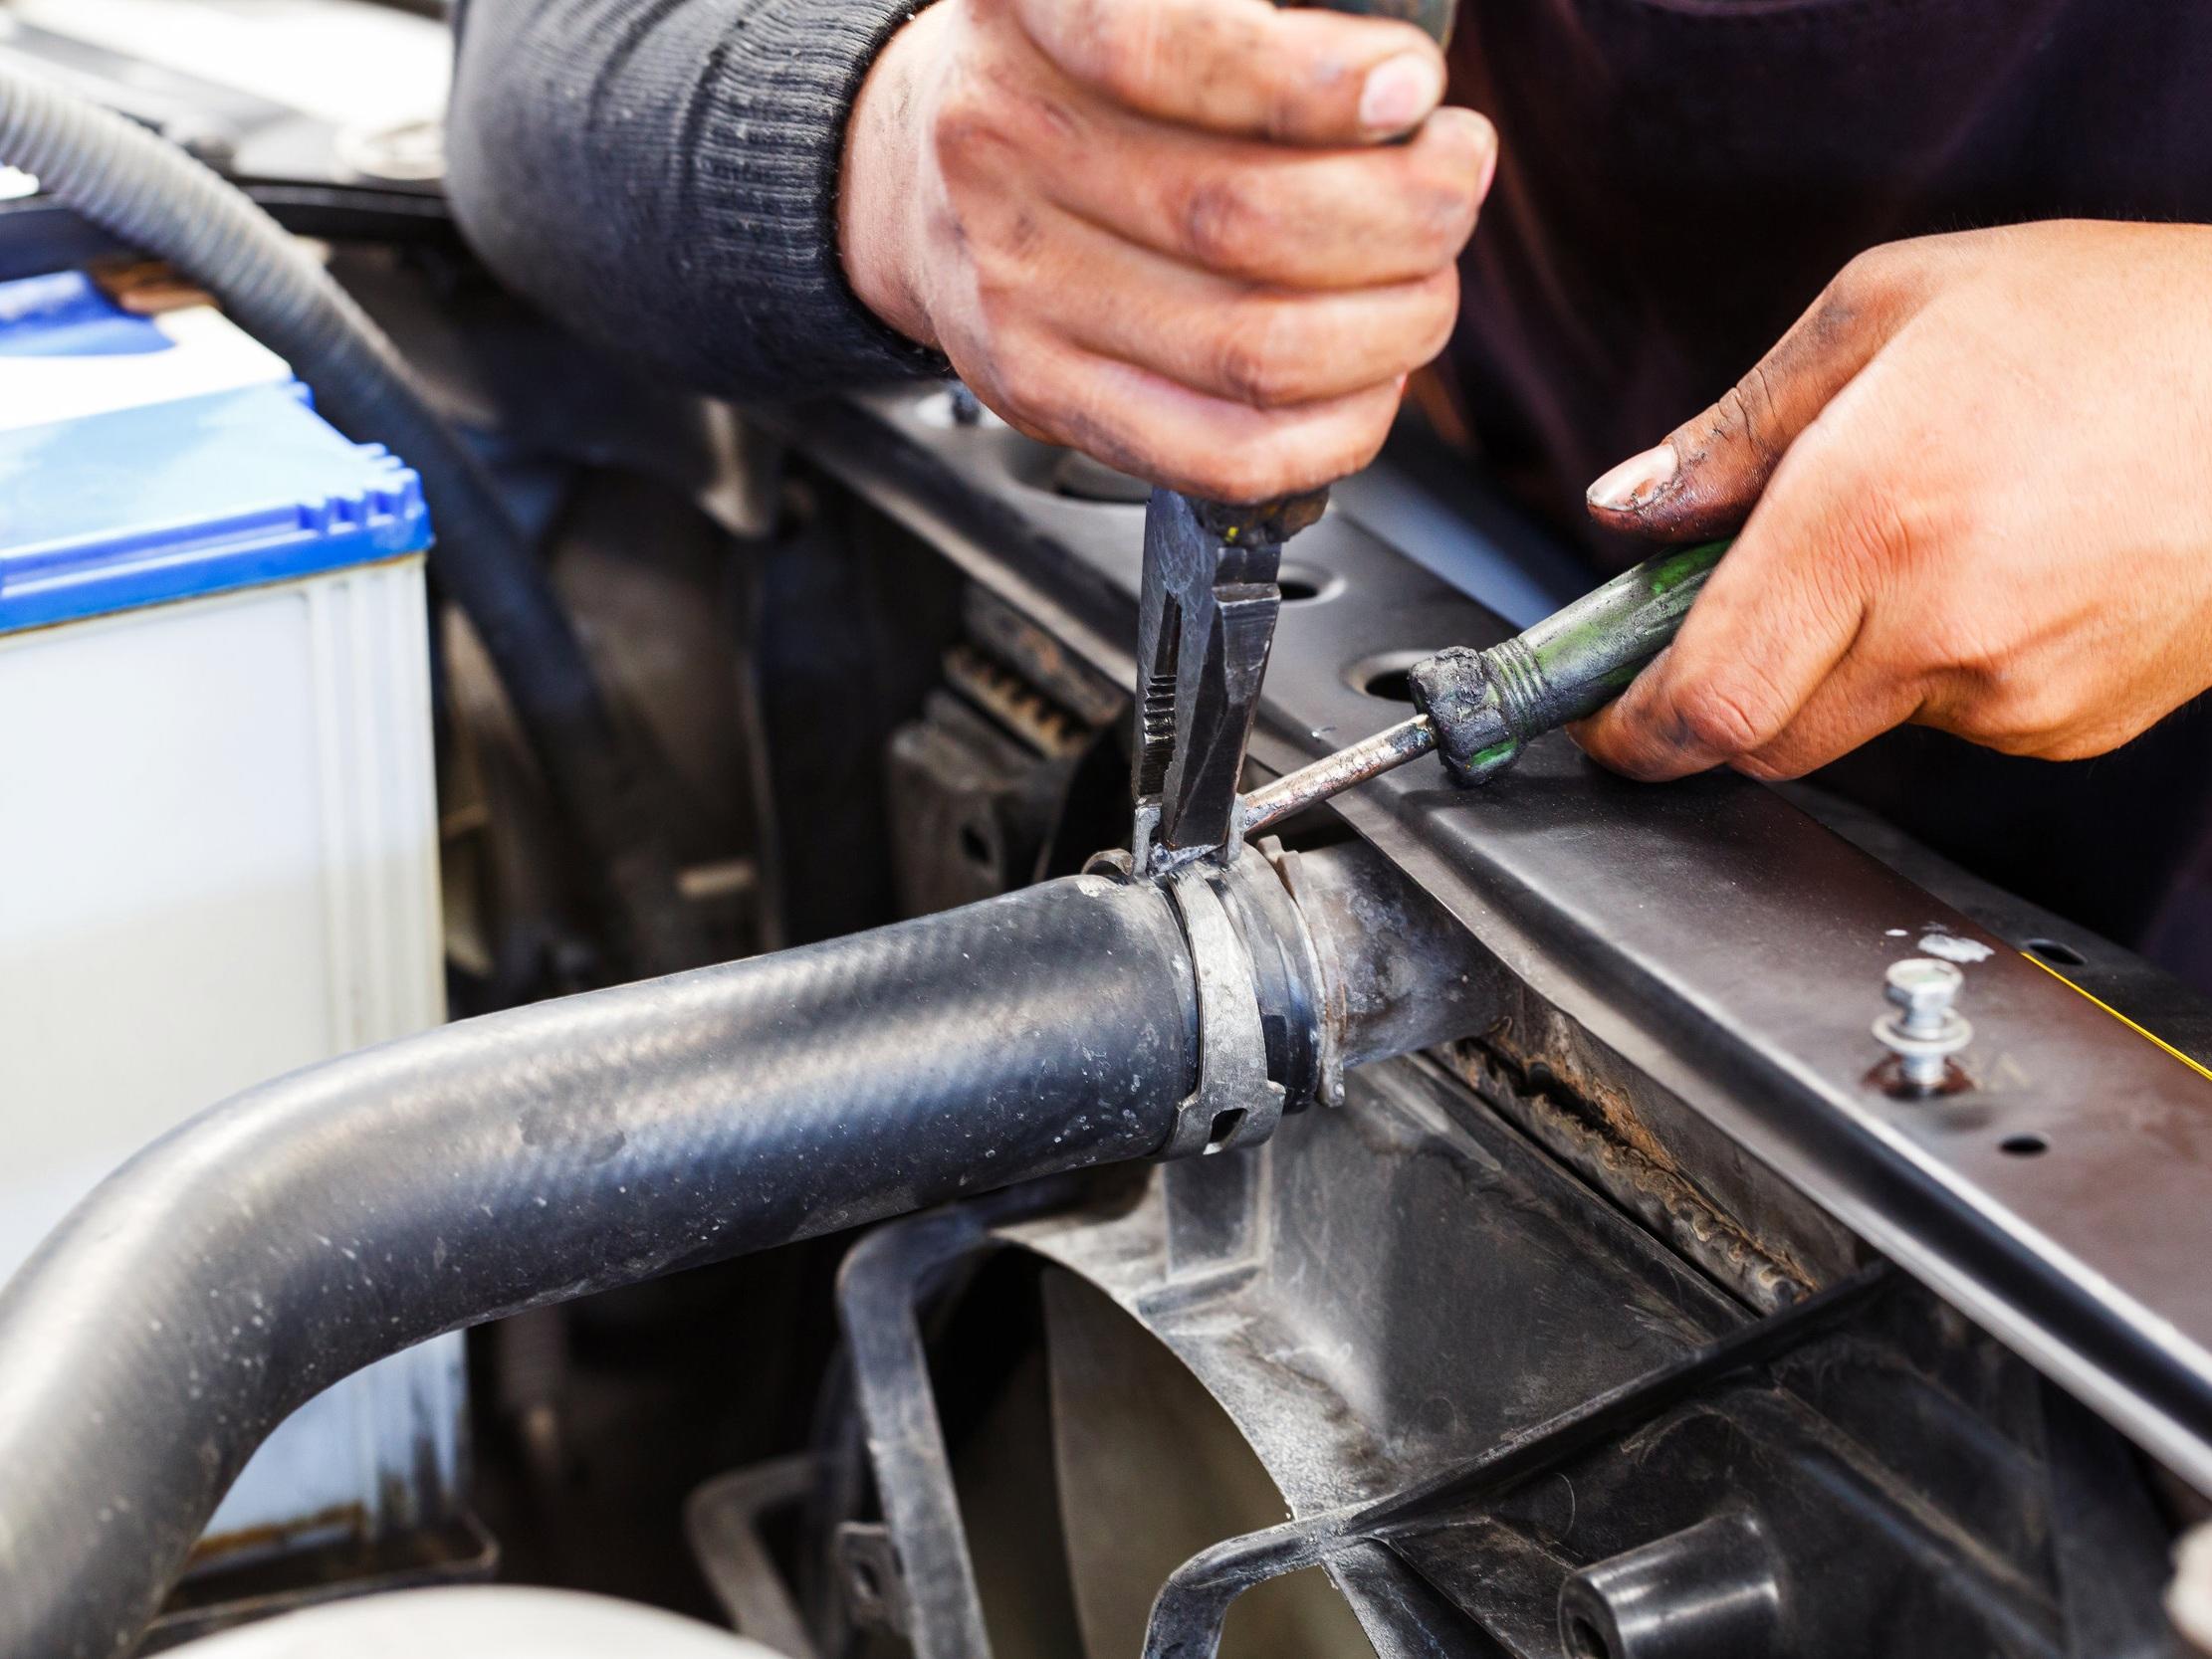 bigstock-Repairing-Car-Radiator-119763653.jpg